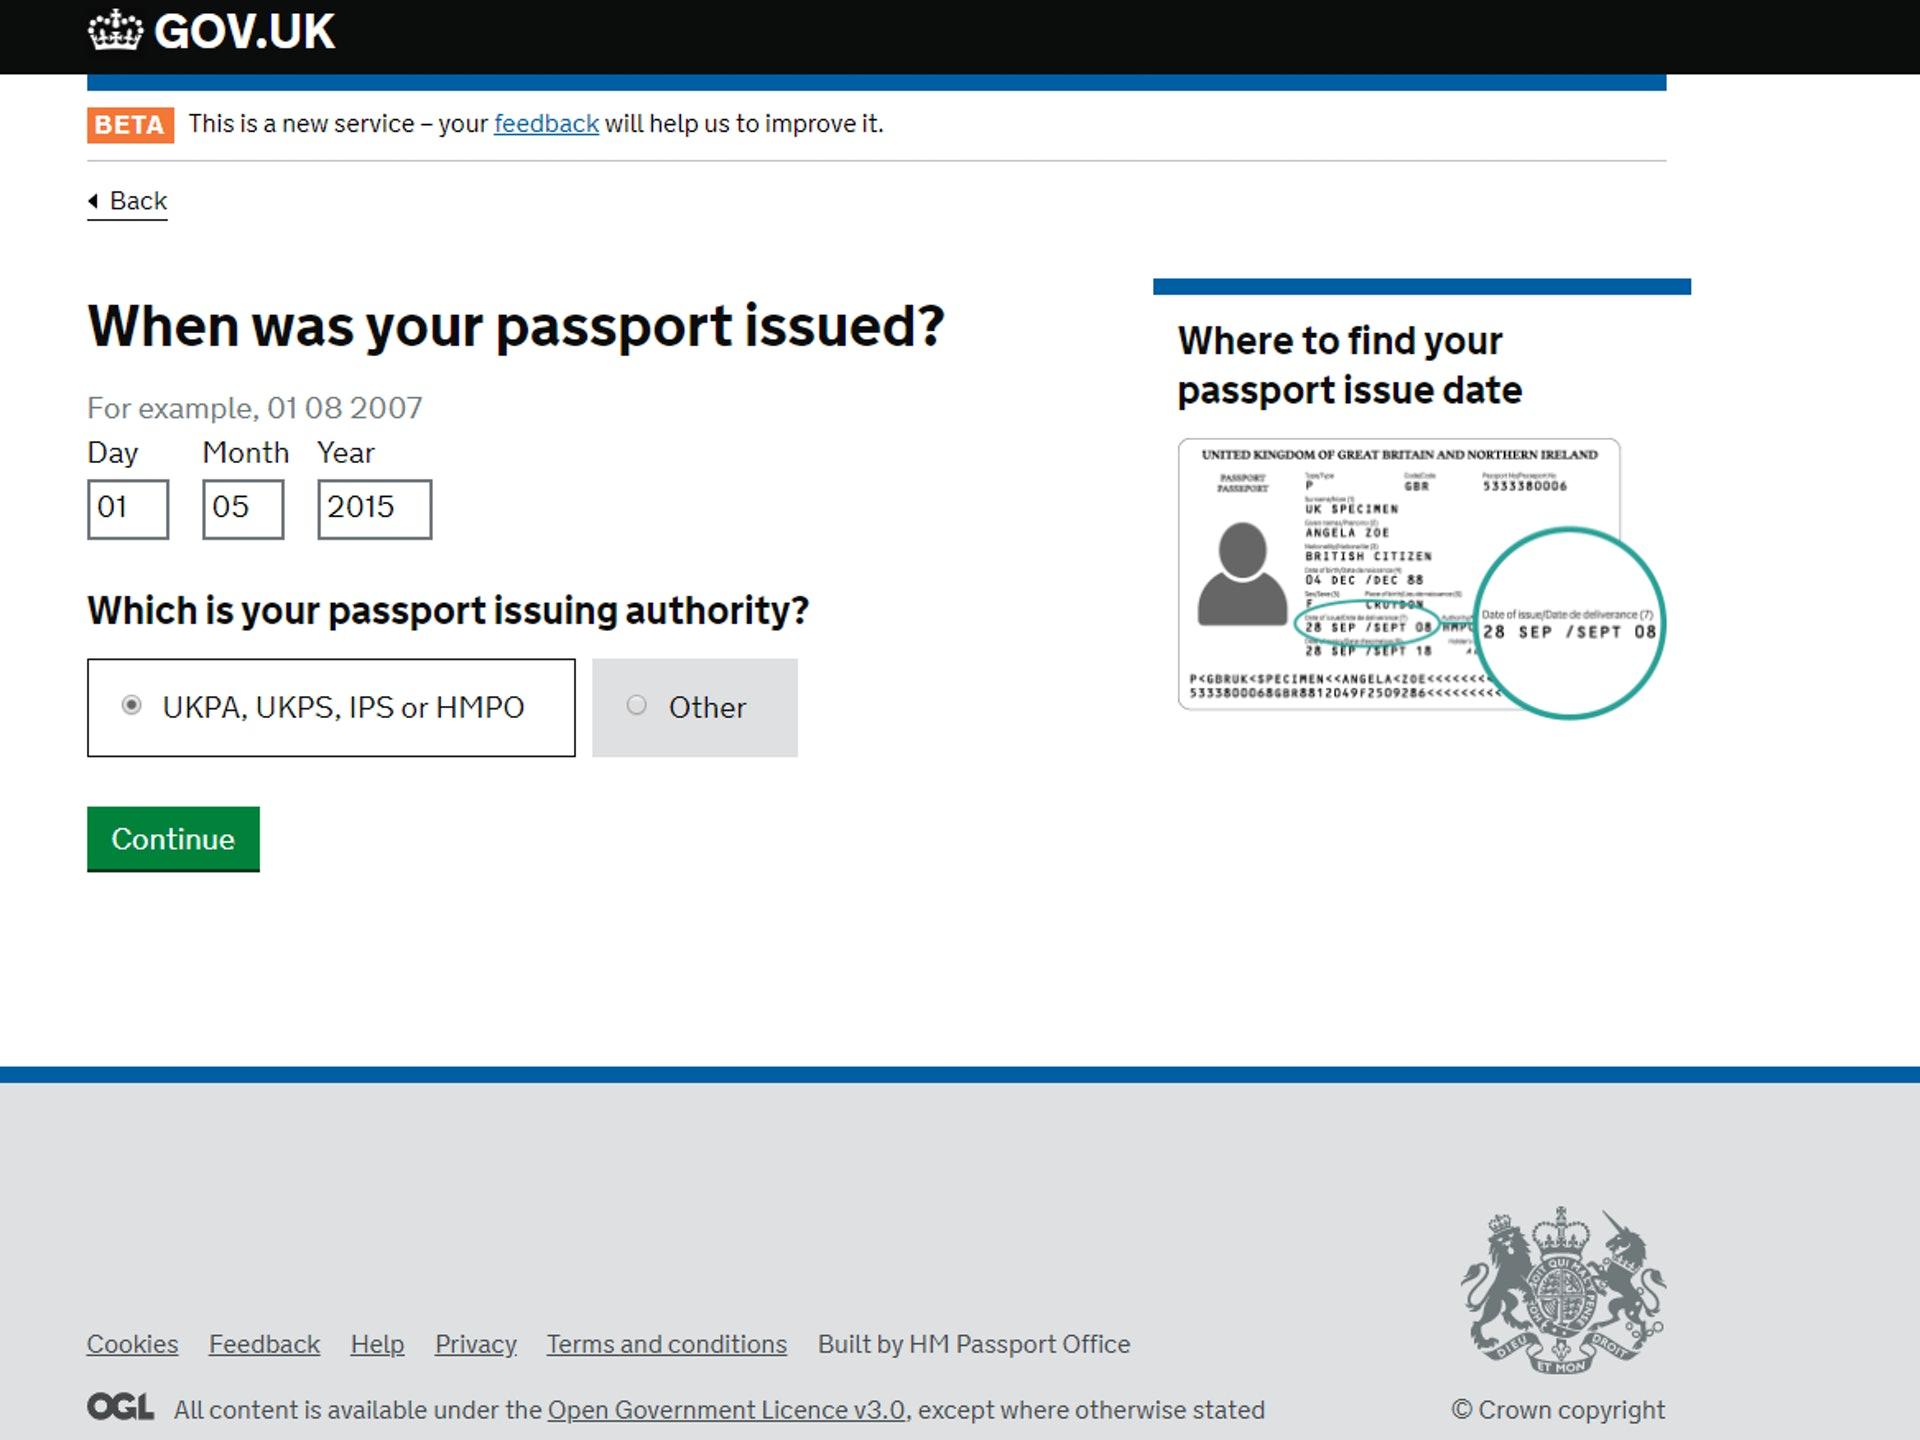 「舊 BNO 的簽發日期」(GOV.UK 網站截圖)